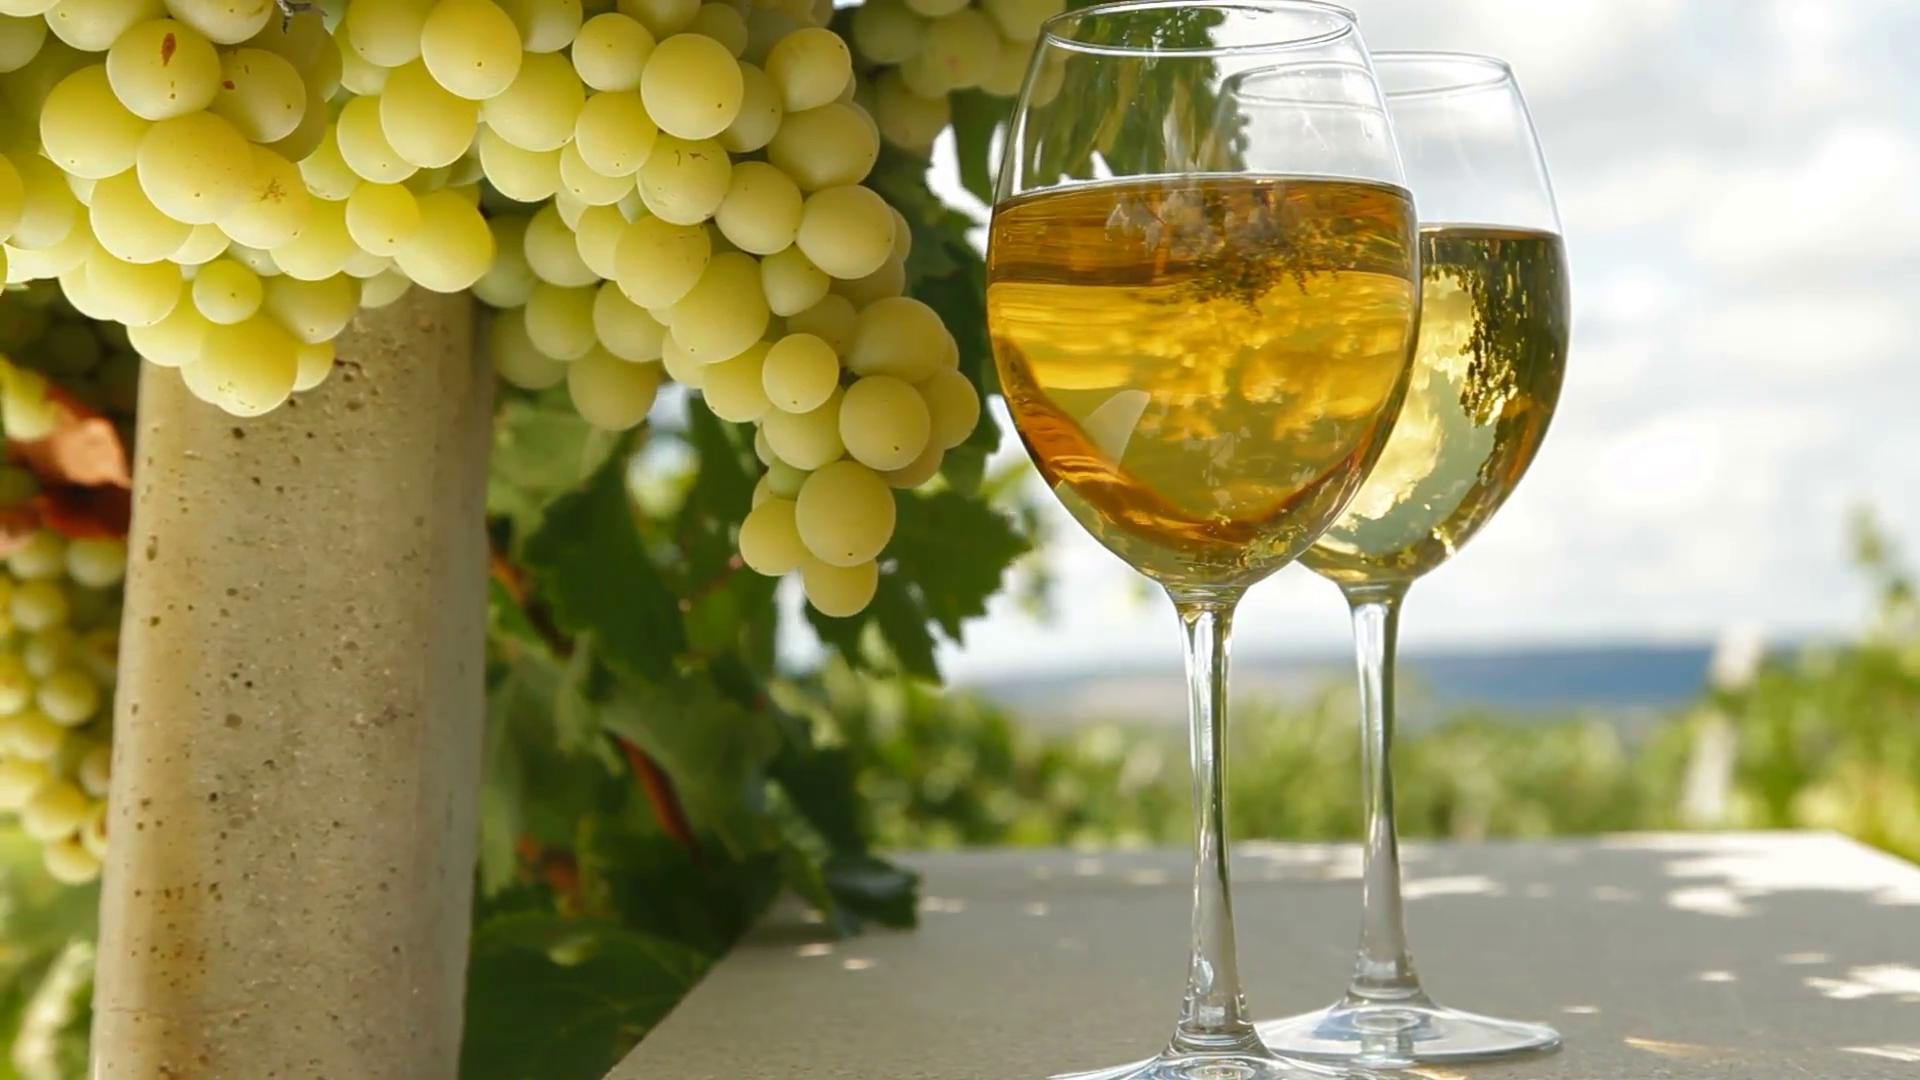 Специалисты рассказали какое вино полезно пить в жару